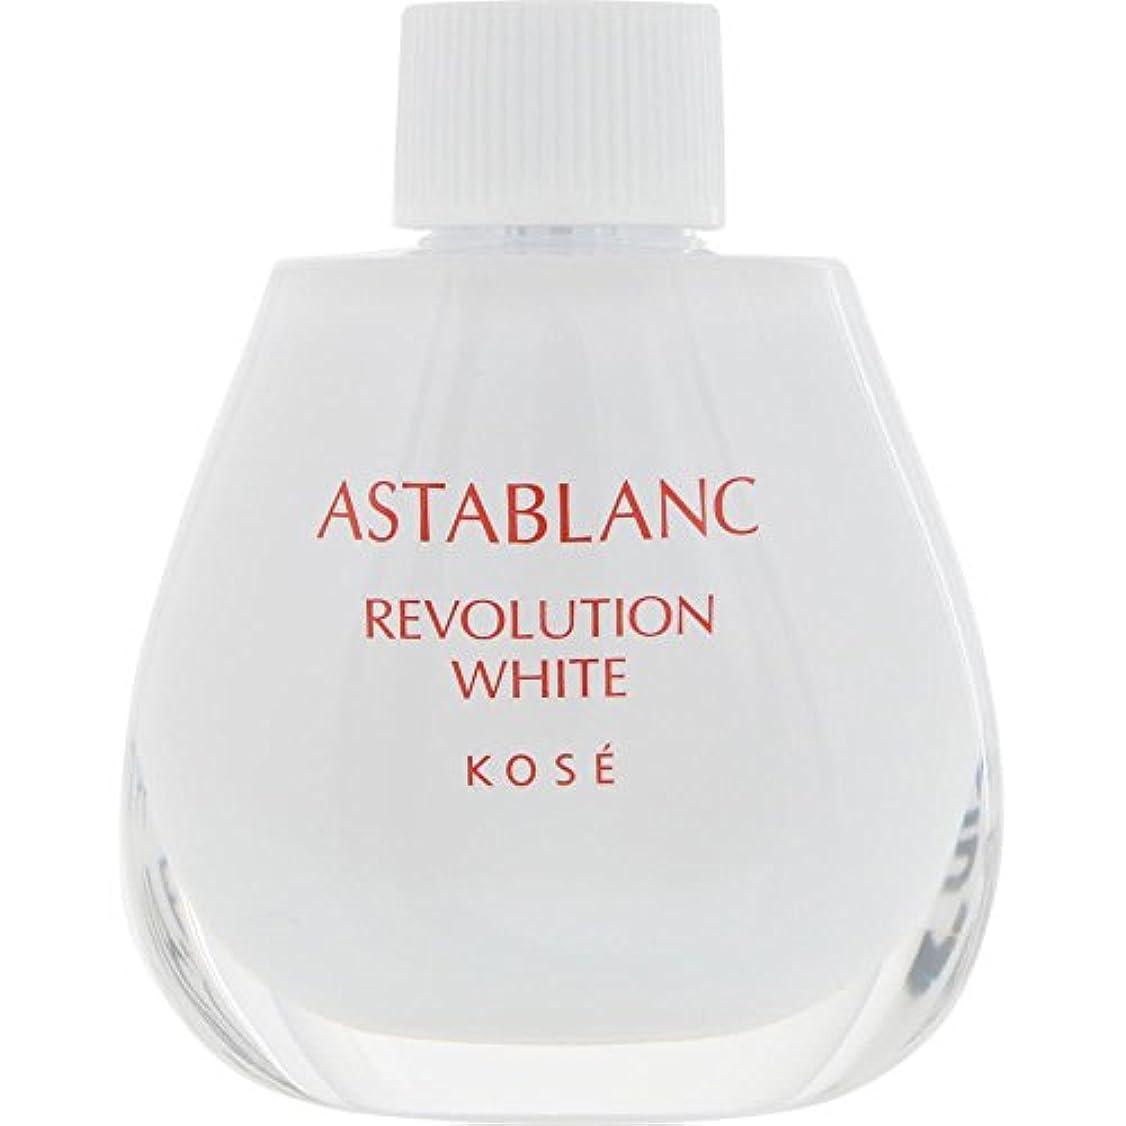 急流採用ビン[医薬部外品] アスタブラン レボリューション ホワイト (付けかえ用) 30mL